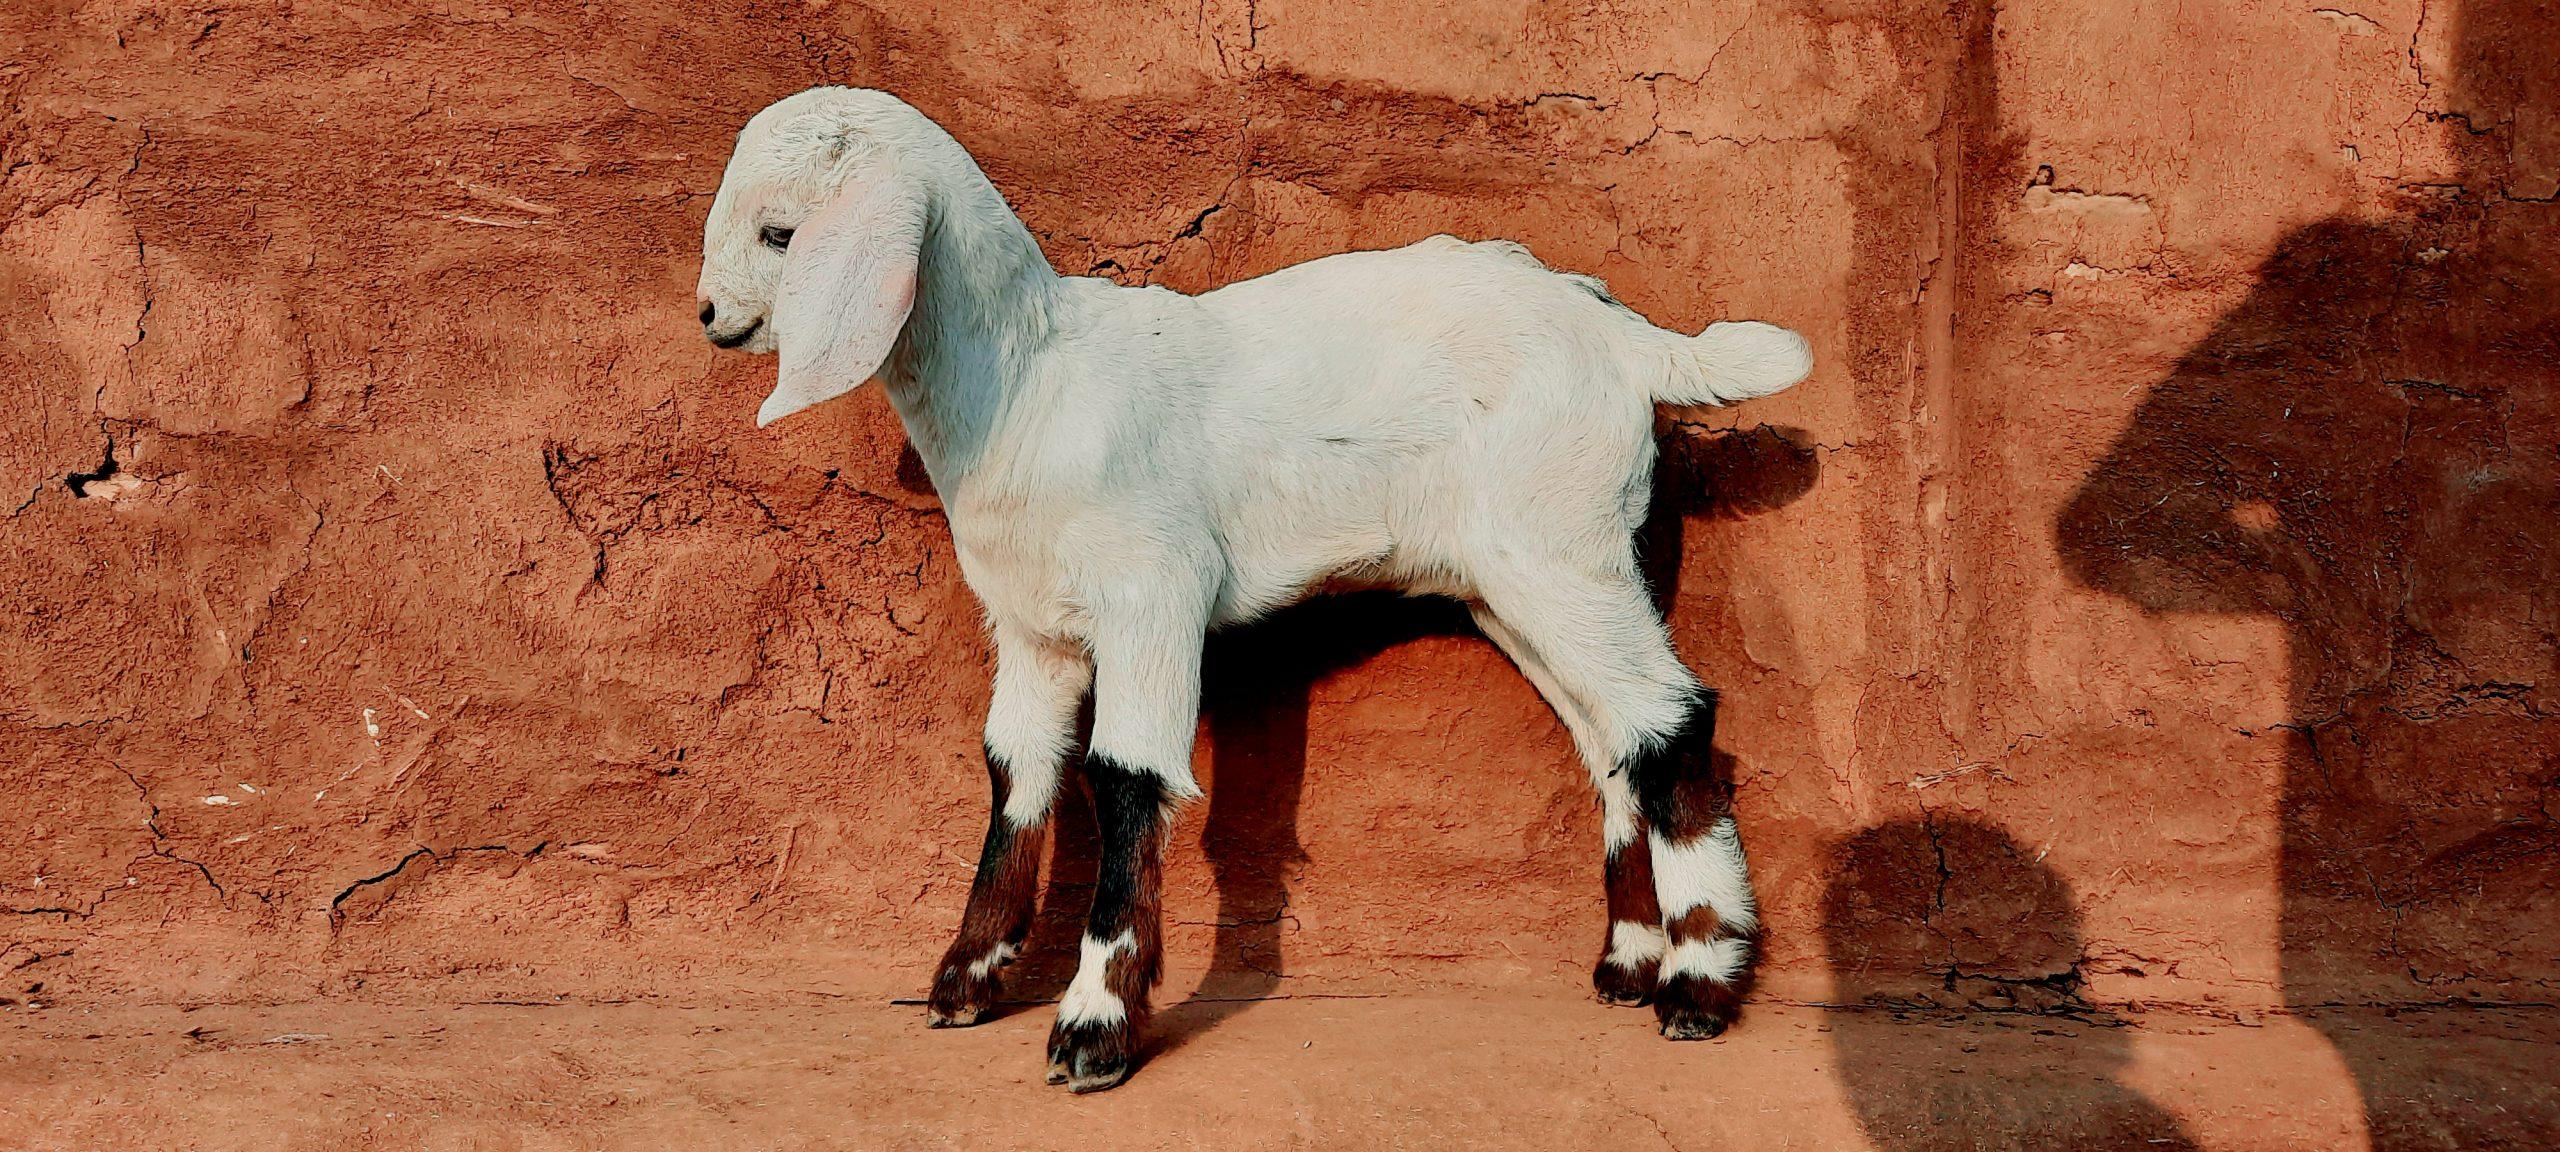 Kid of a goata